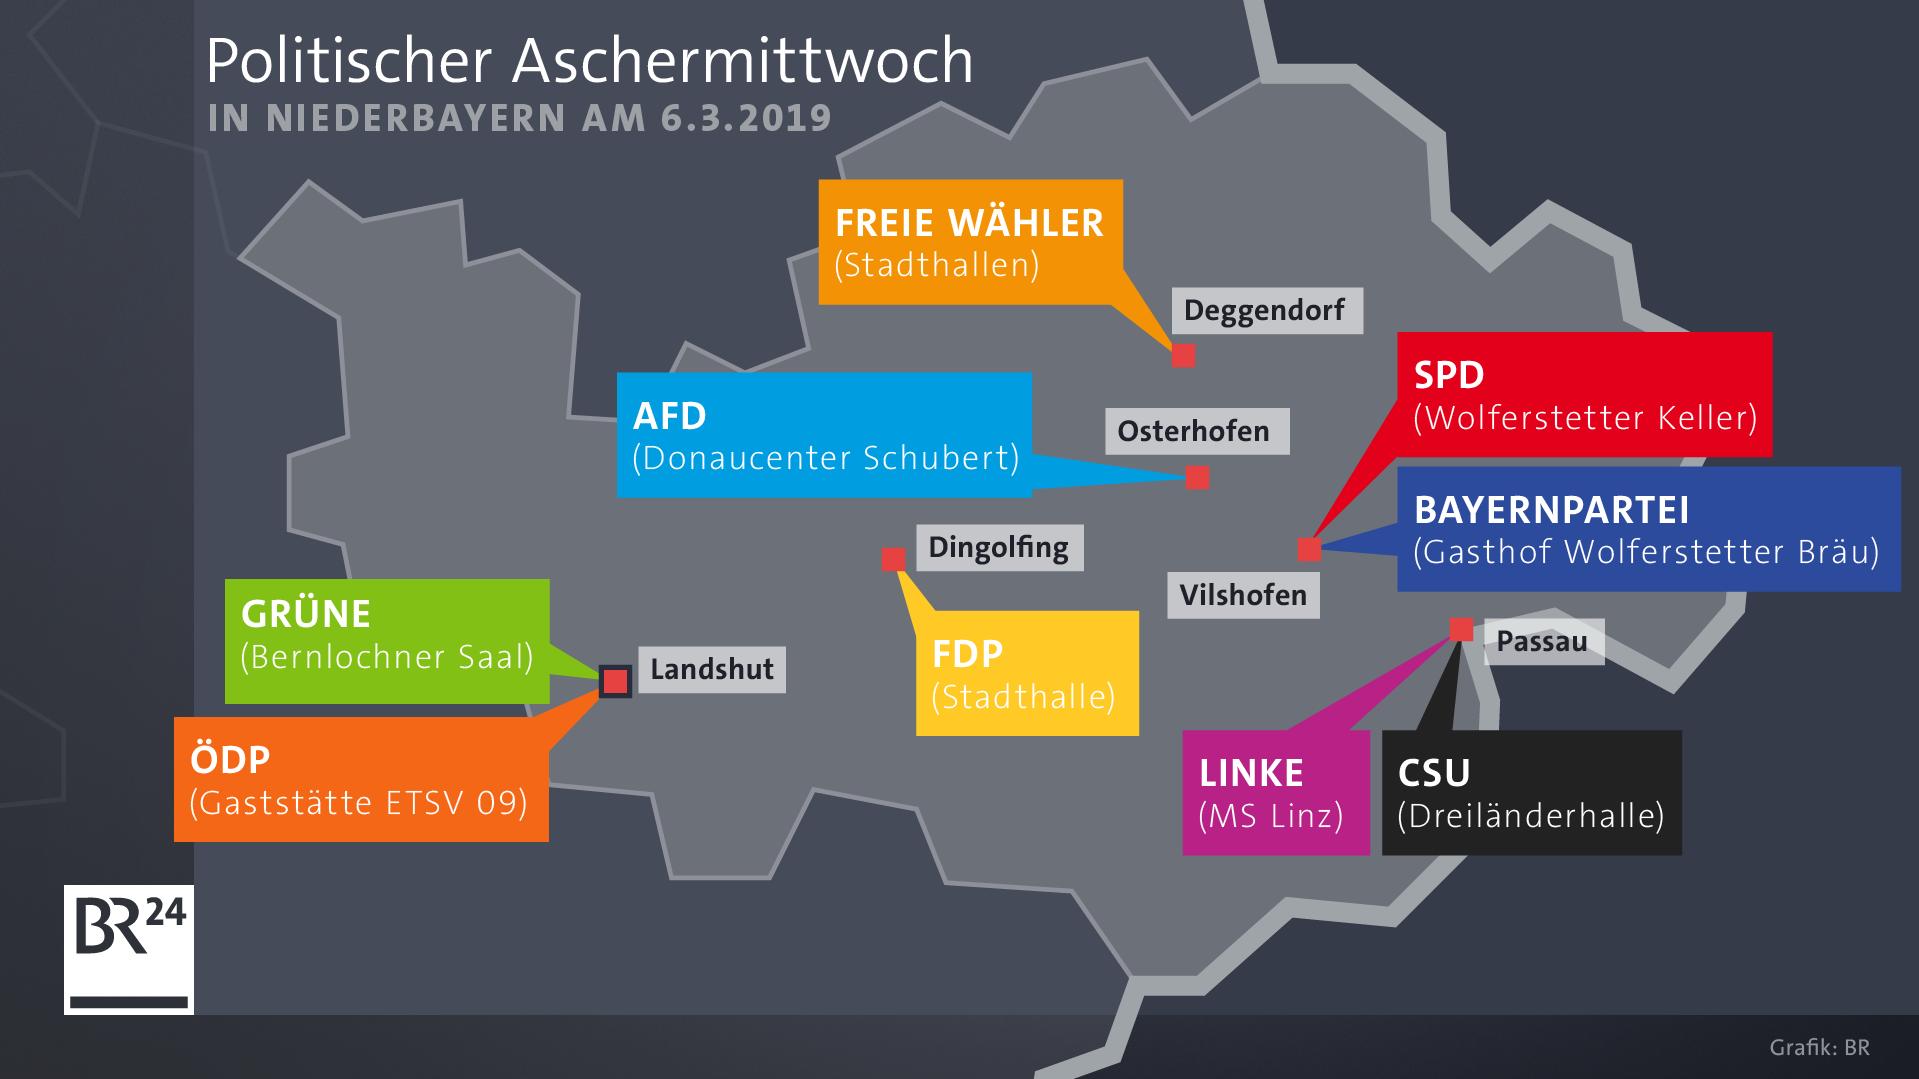 Politischer Aschermittwoch: Wo die Parteien ihre Kundgebungen abhalten